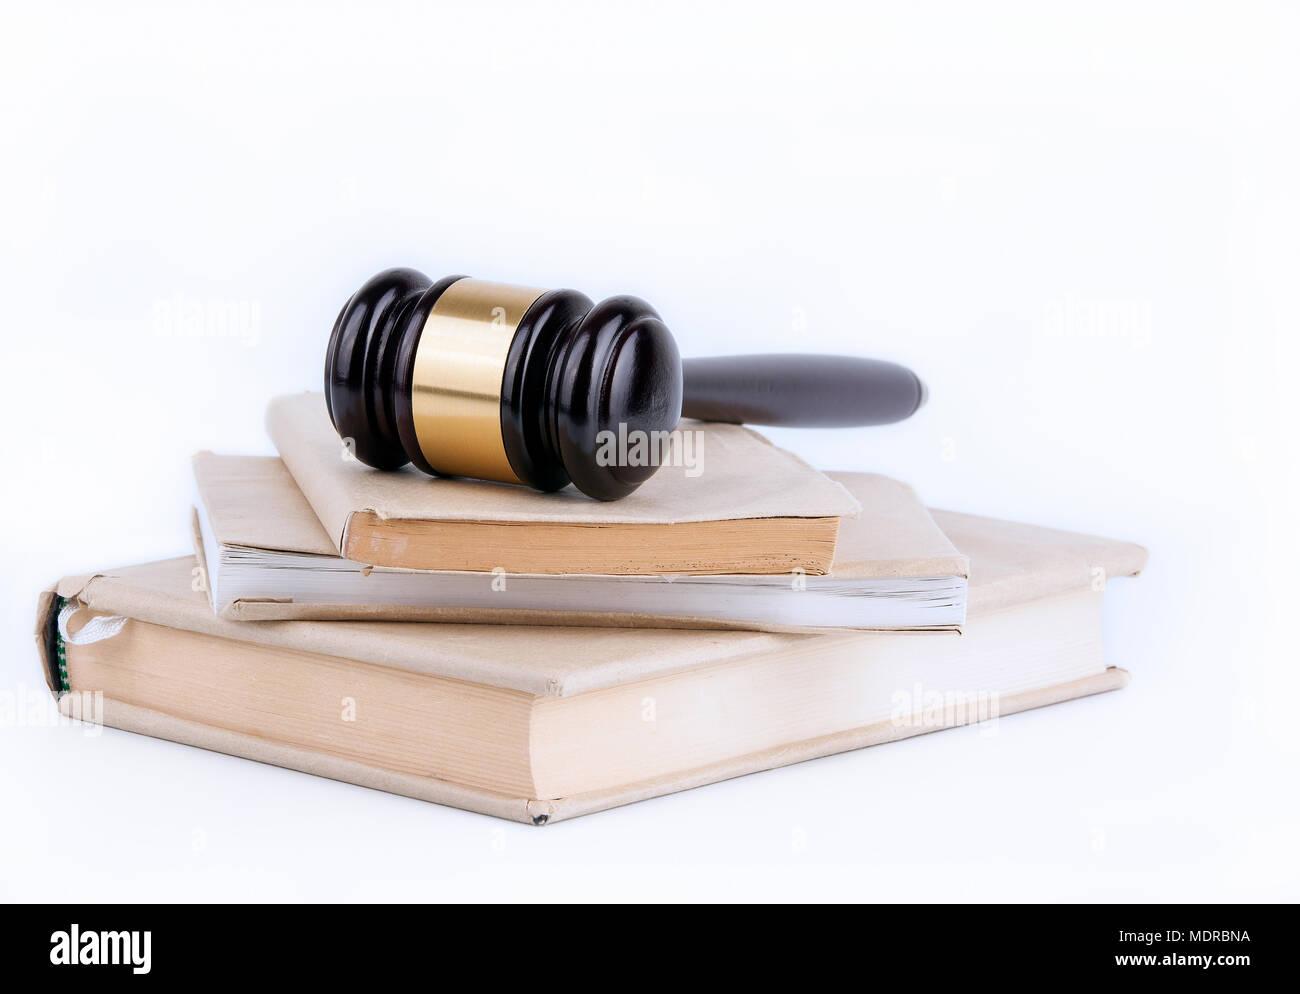 Martillo de madera y libros en segundo plano. La ley y la justicia, concepto Foto de stock